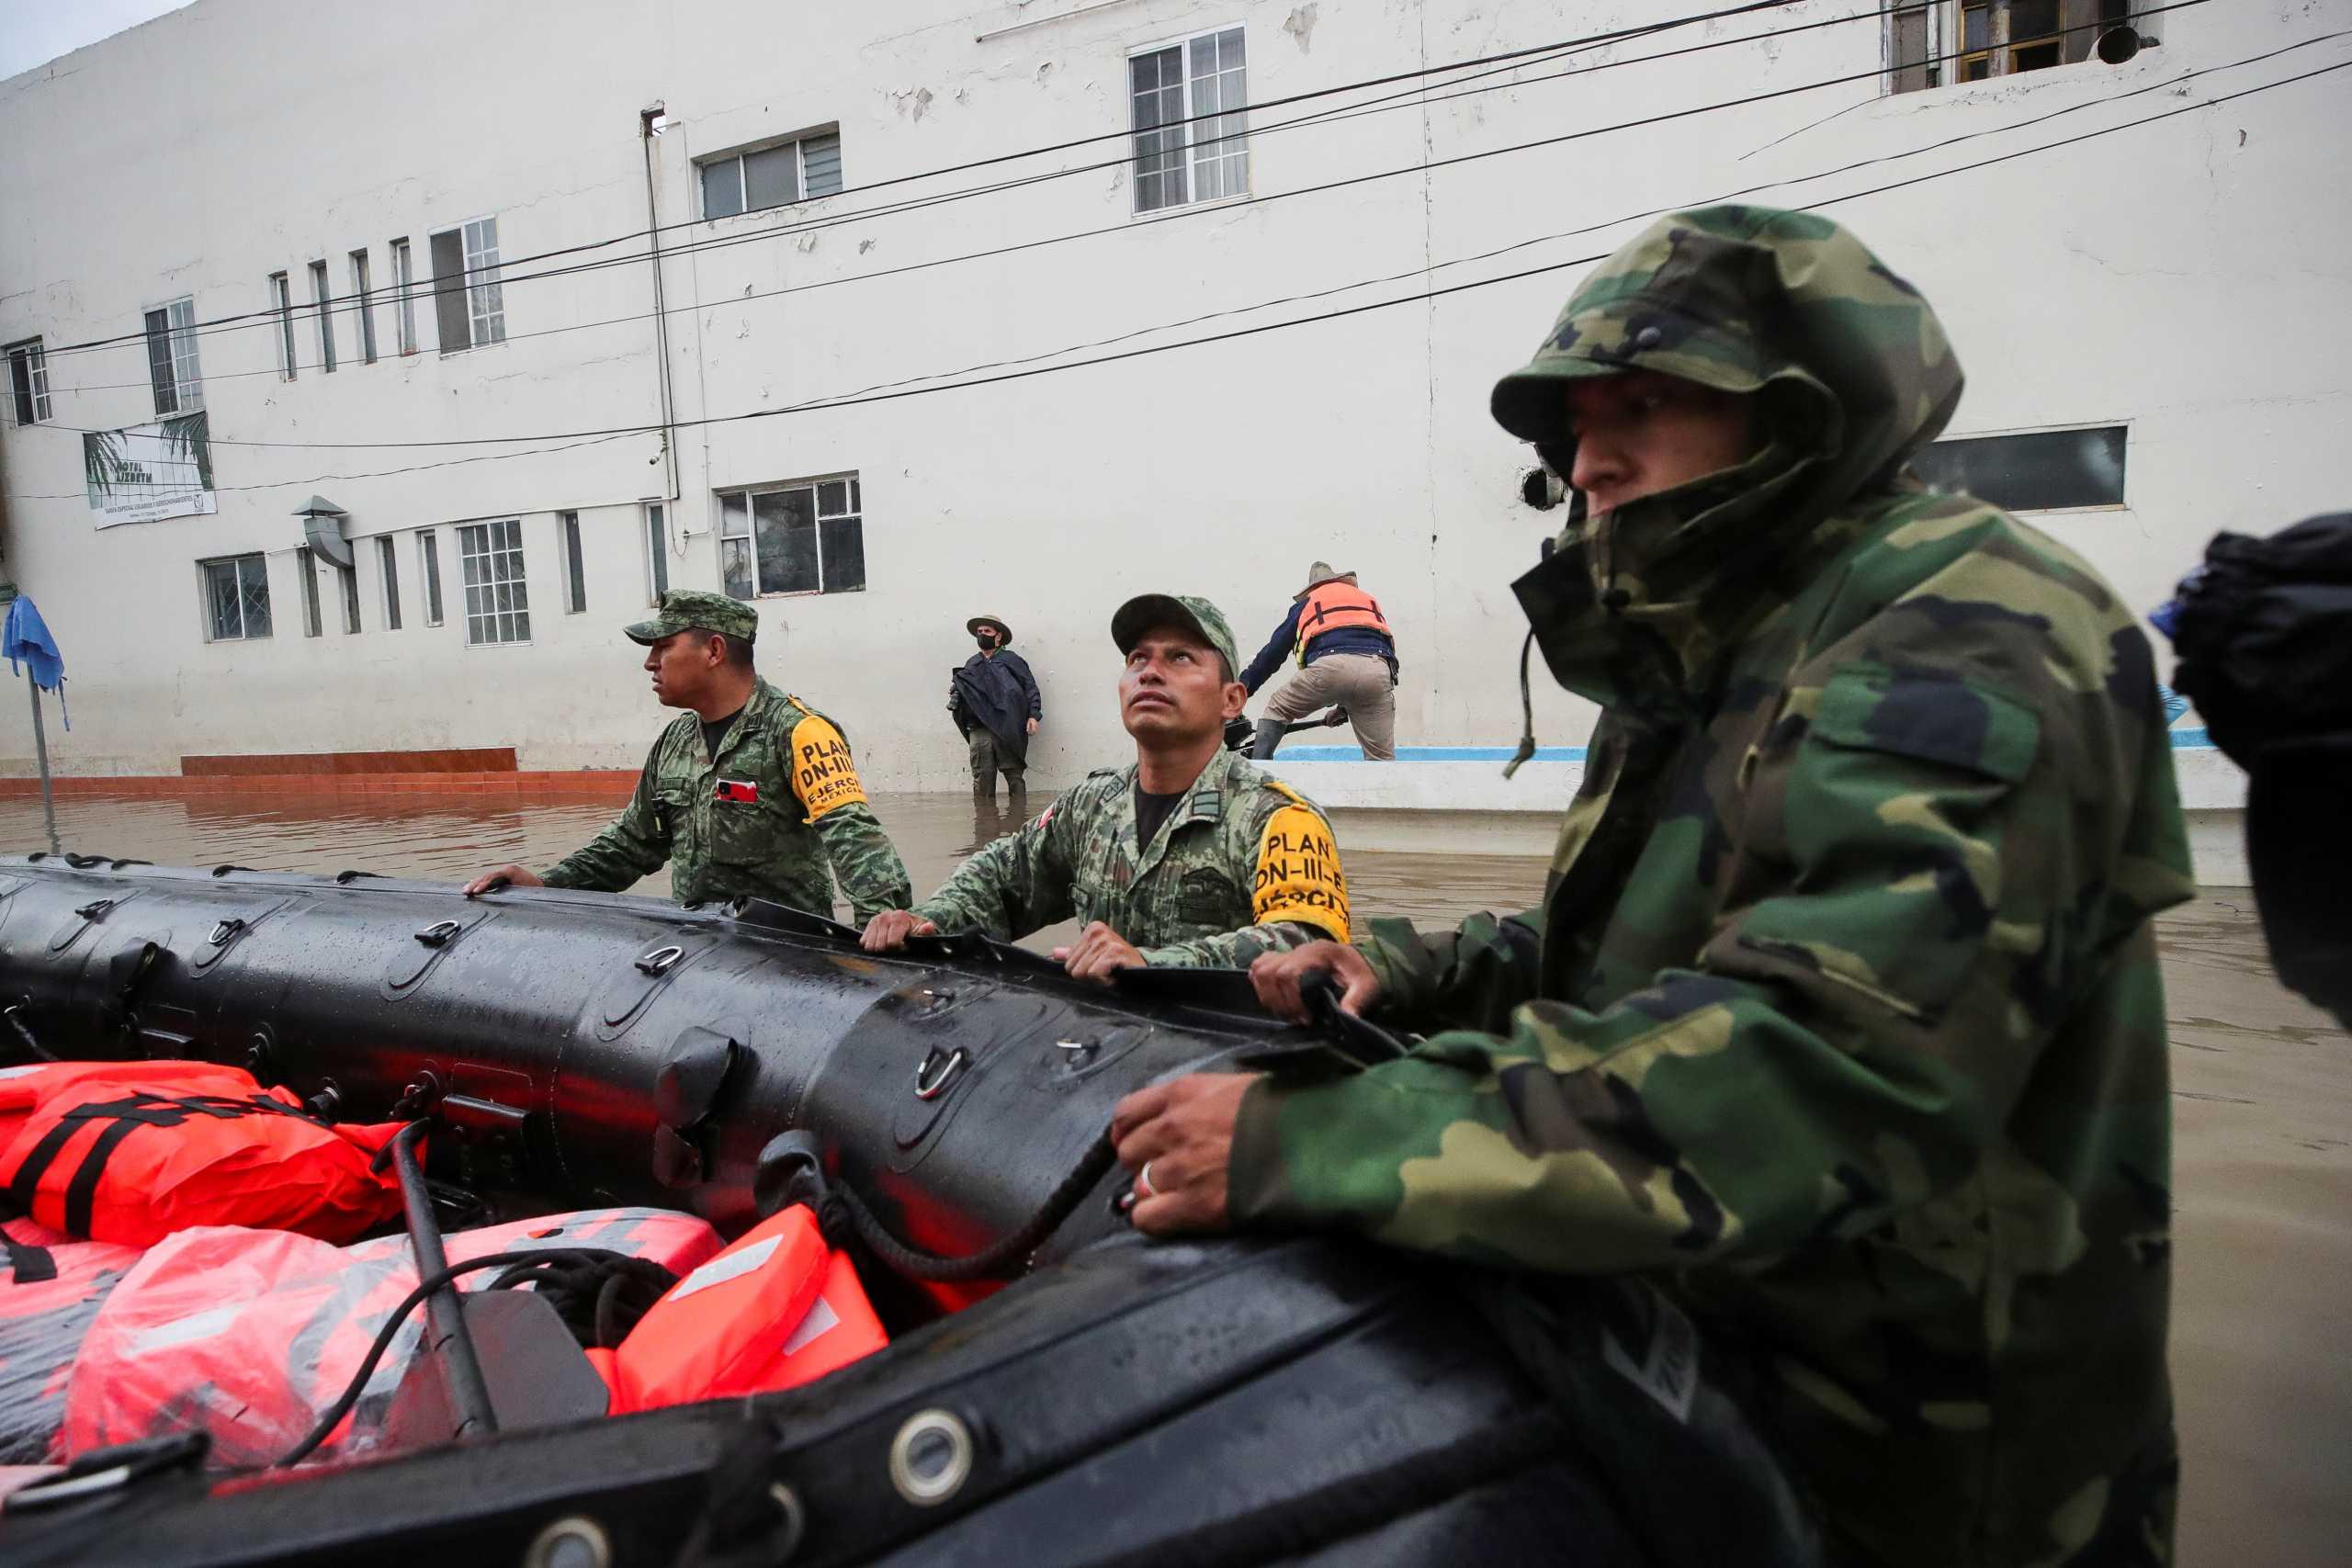 Σαρωτικές πλημμύρες στο Μεξικό: Στο πλευρό των πληγέντων και ο στρατός